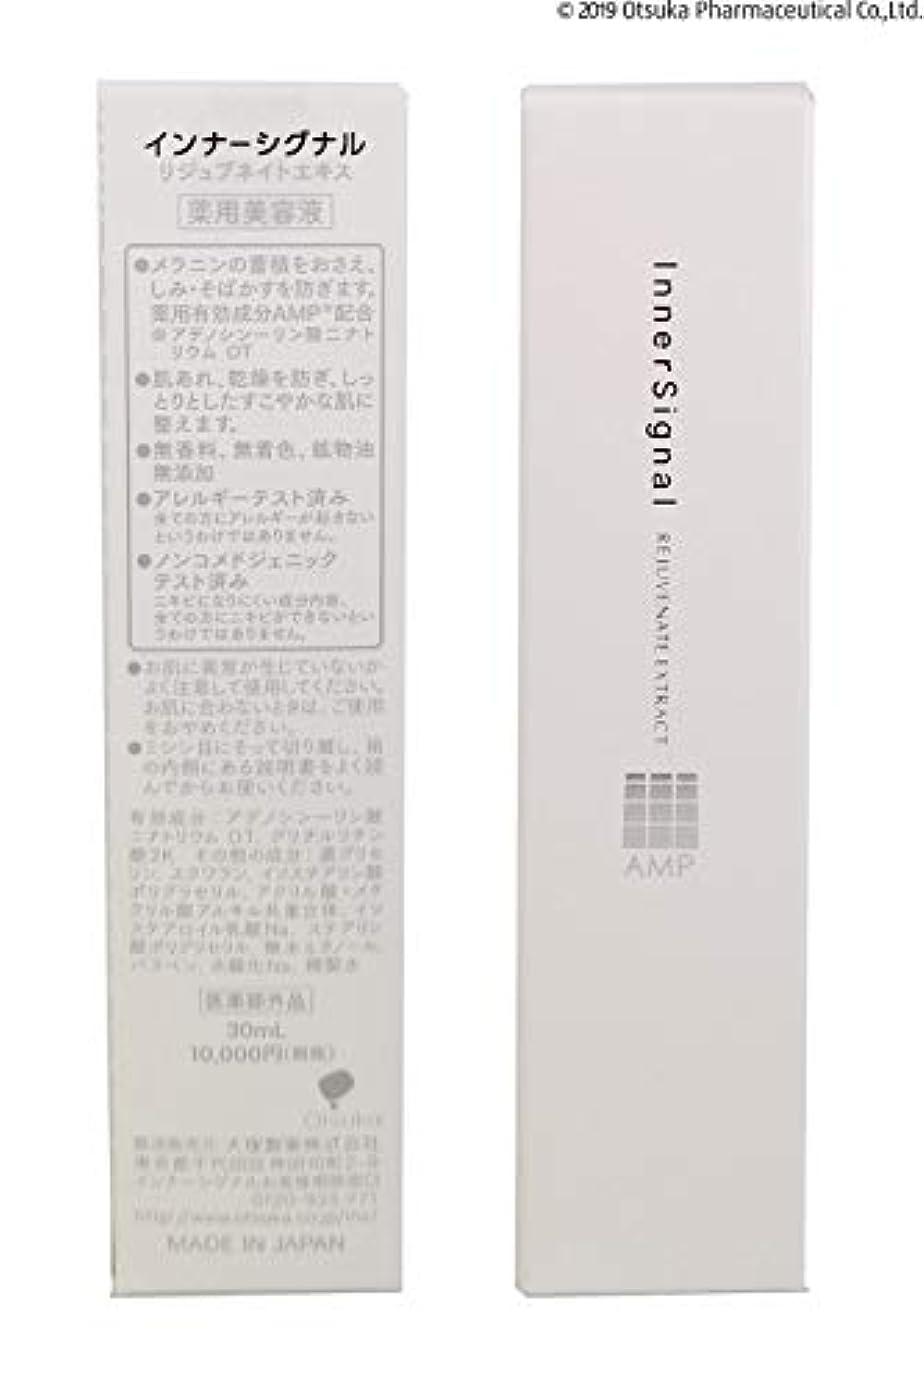 方程式想定バズ大塚製薬 【医薬部外品】 インナーシグナル エキス 30mL (薬用美容液)52981